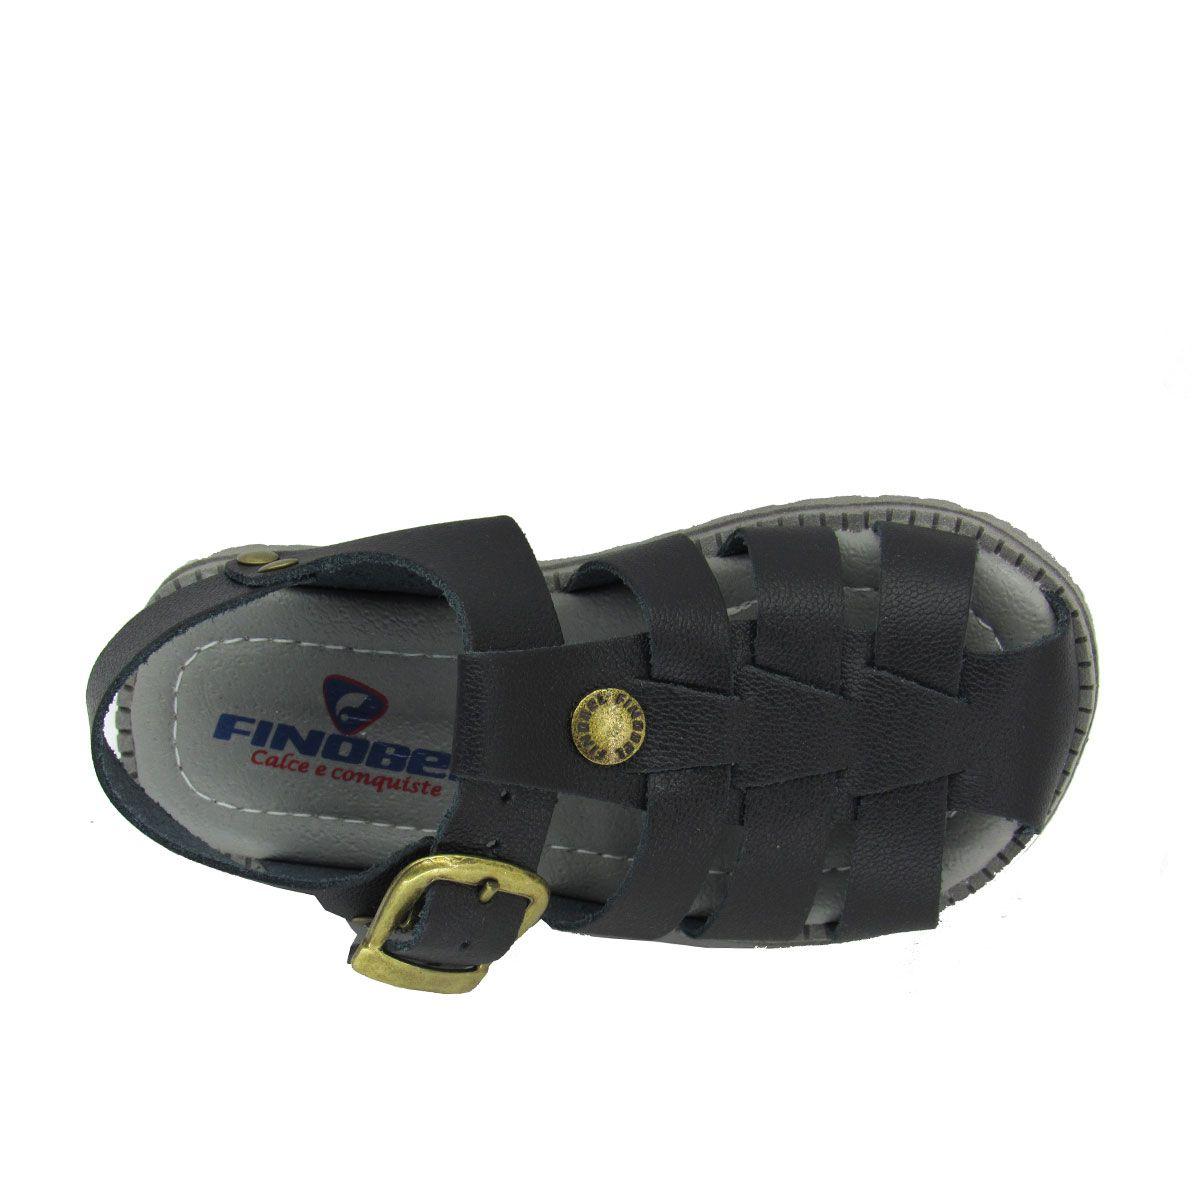 Sandália Infantil Masculino em Couro Finobel ST51 Preto